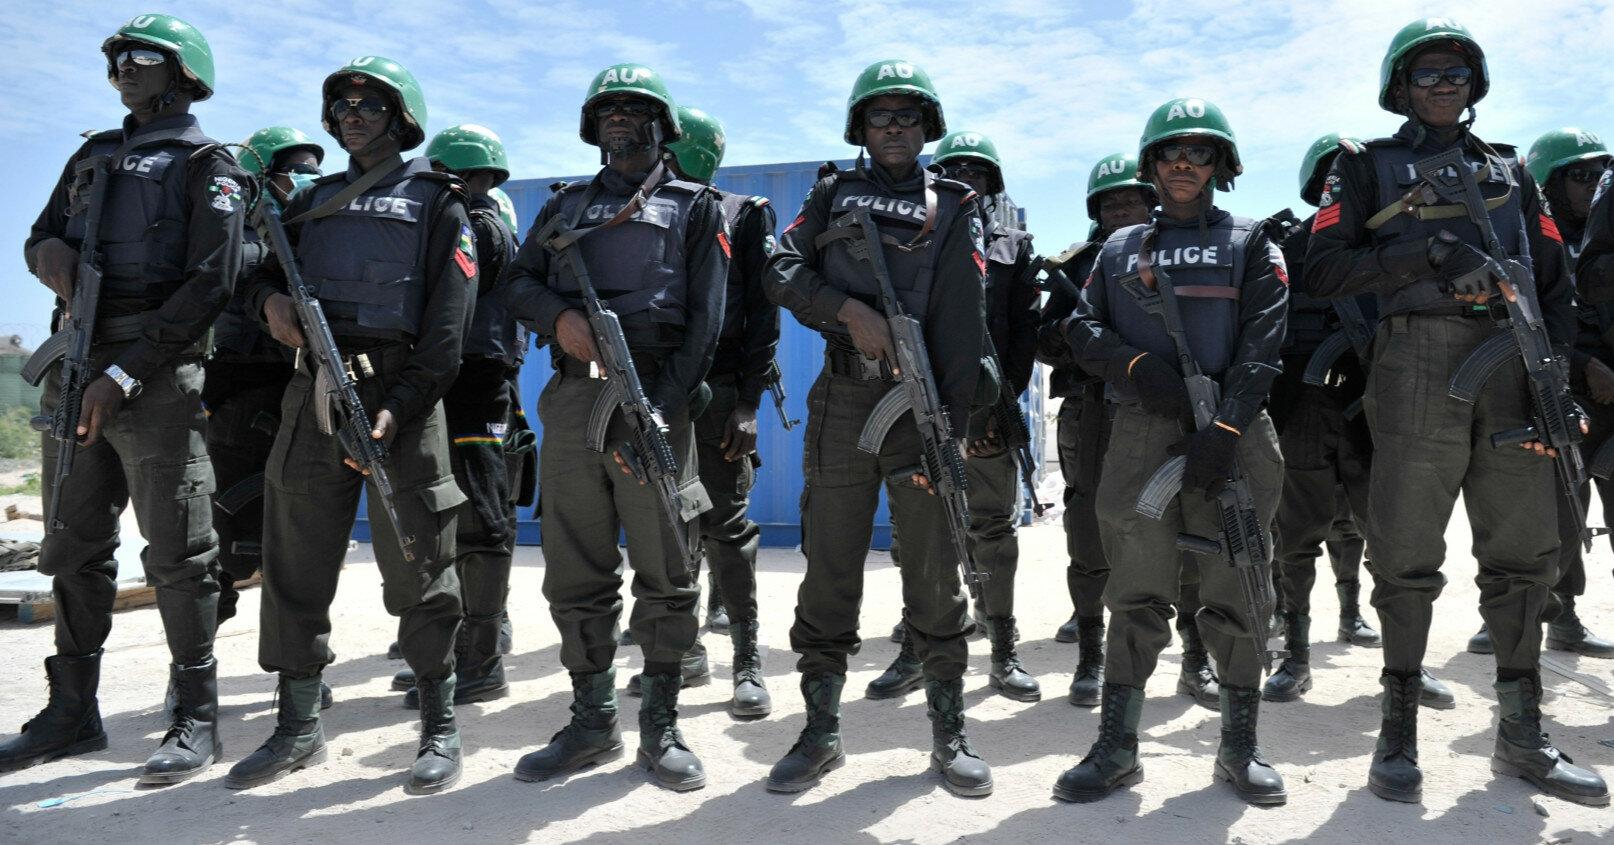 Боевики устроили резню в одном из районов Нигерии, 35 убитых